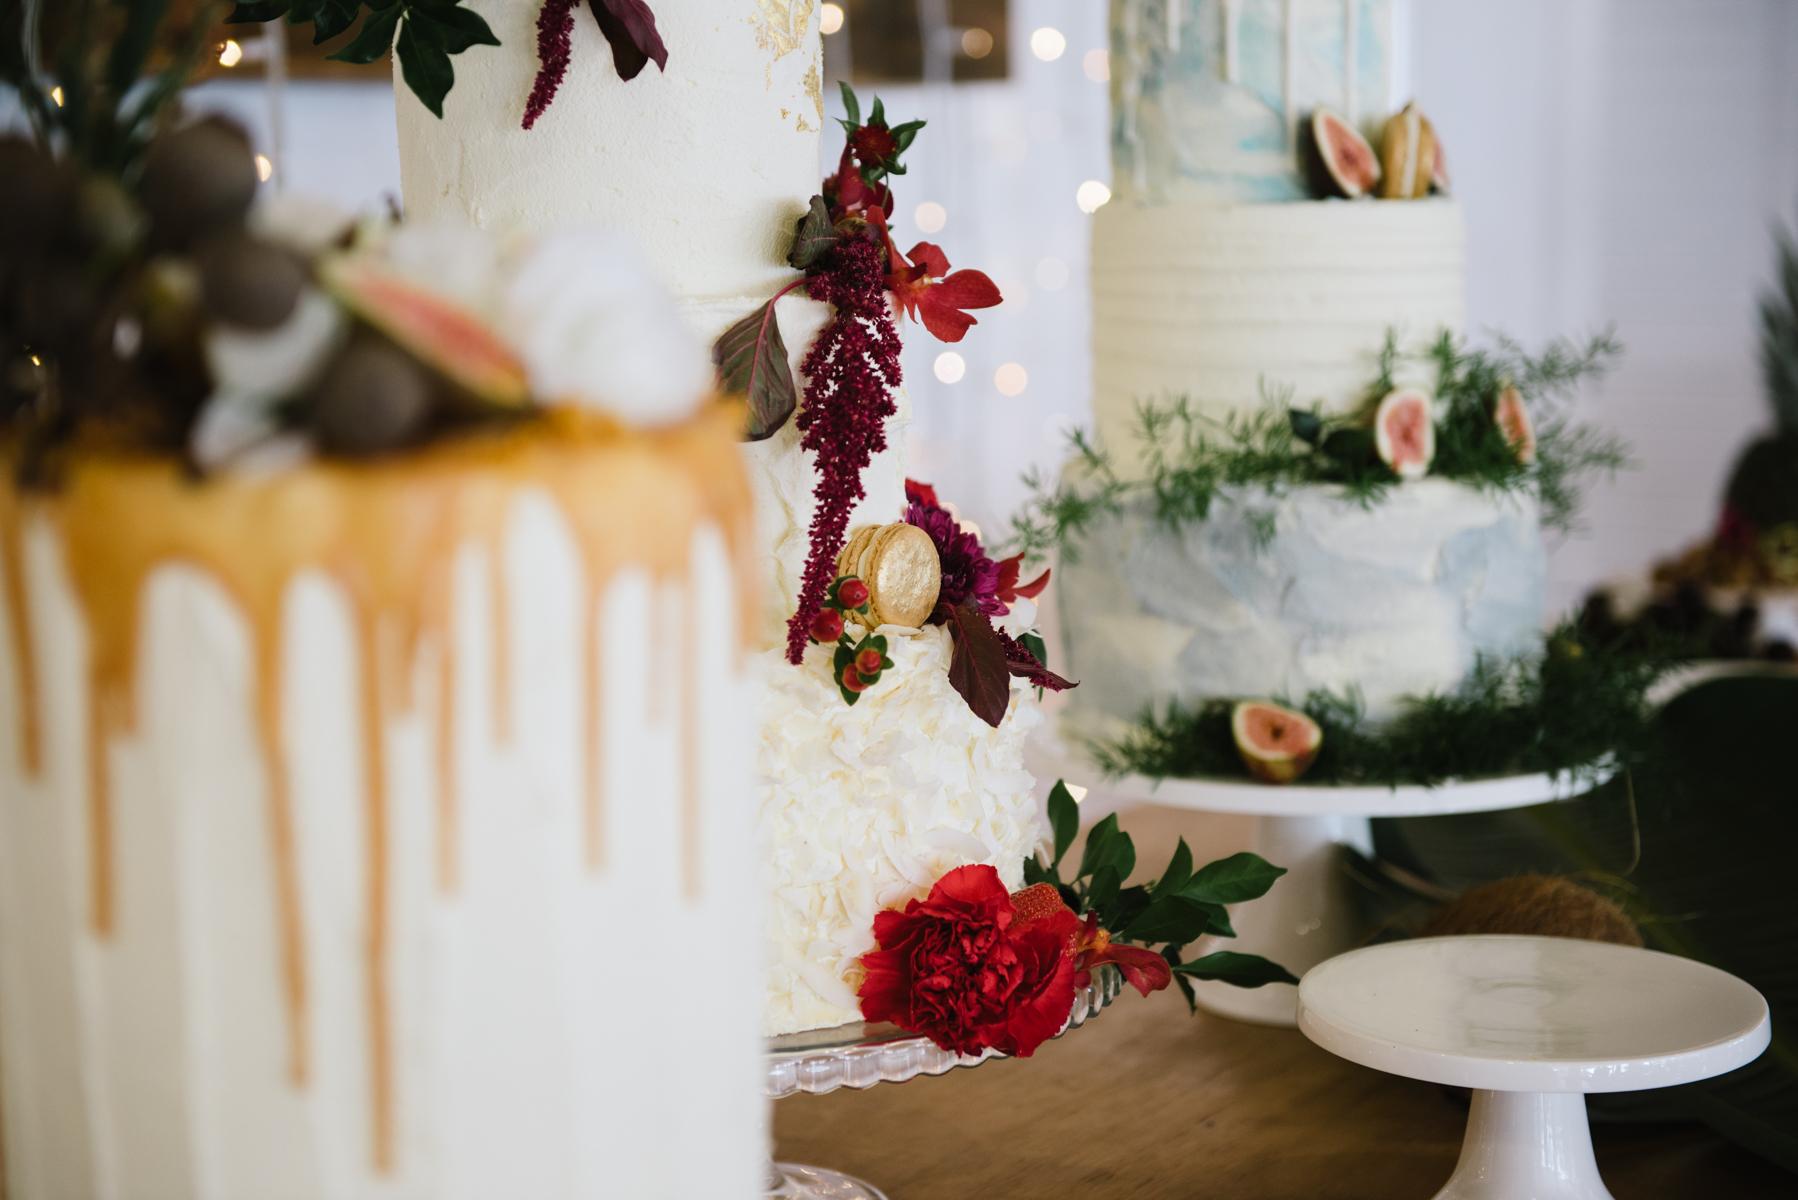 babalou-wedding- skyla sage photography weddings, families, byron bay,tweed coast,kingscliff,cabarita,gold coast-65.jpg